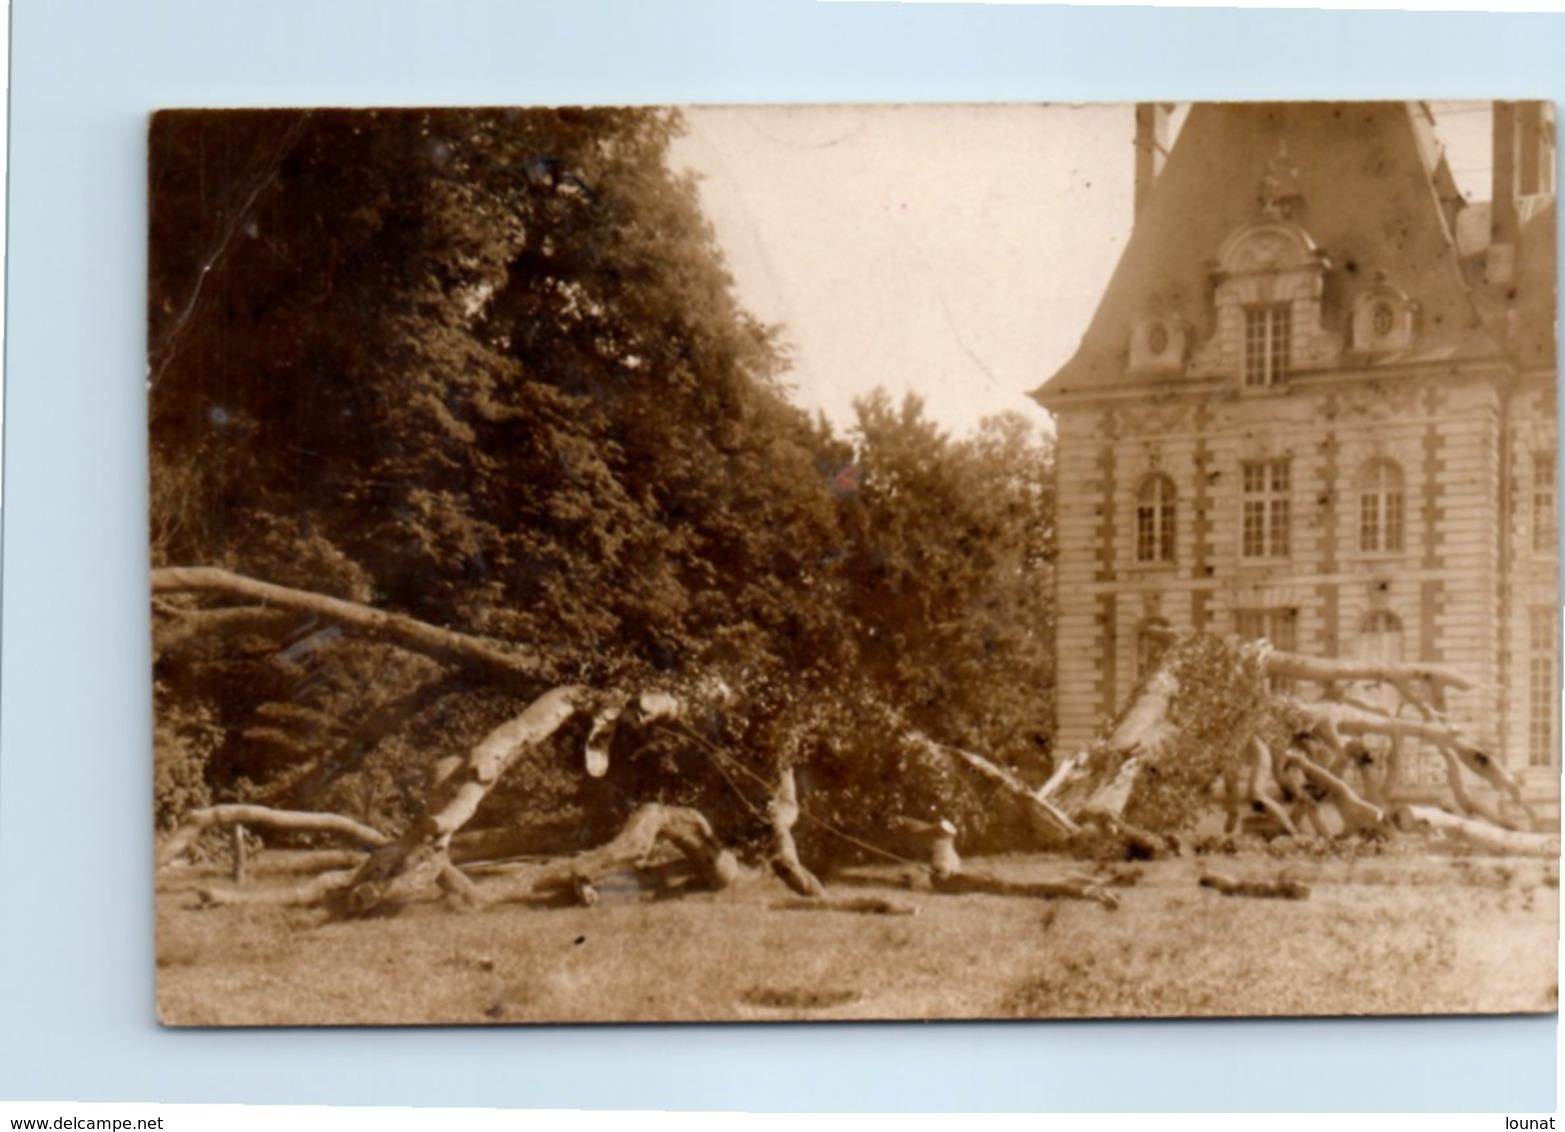 Carte Photo à Identifier - Architecture - Chateau - A Identifier